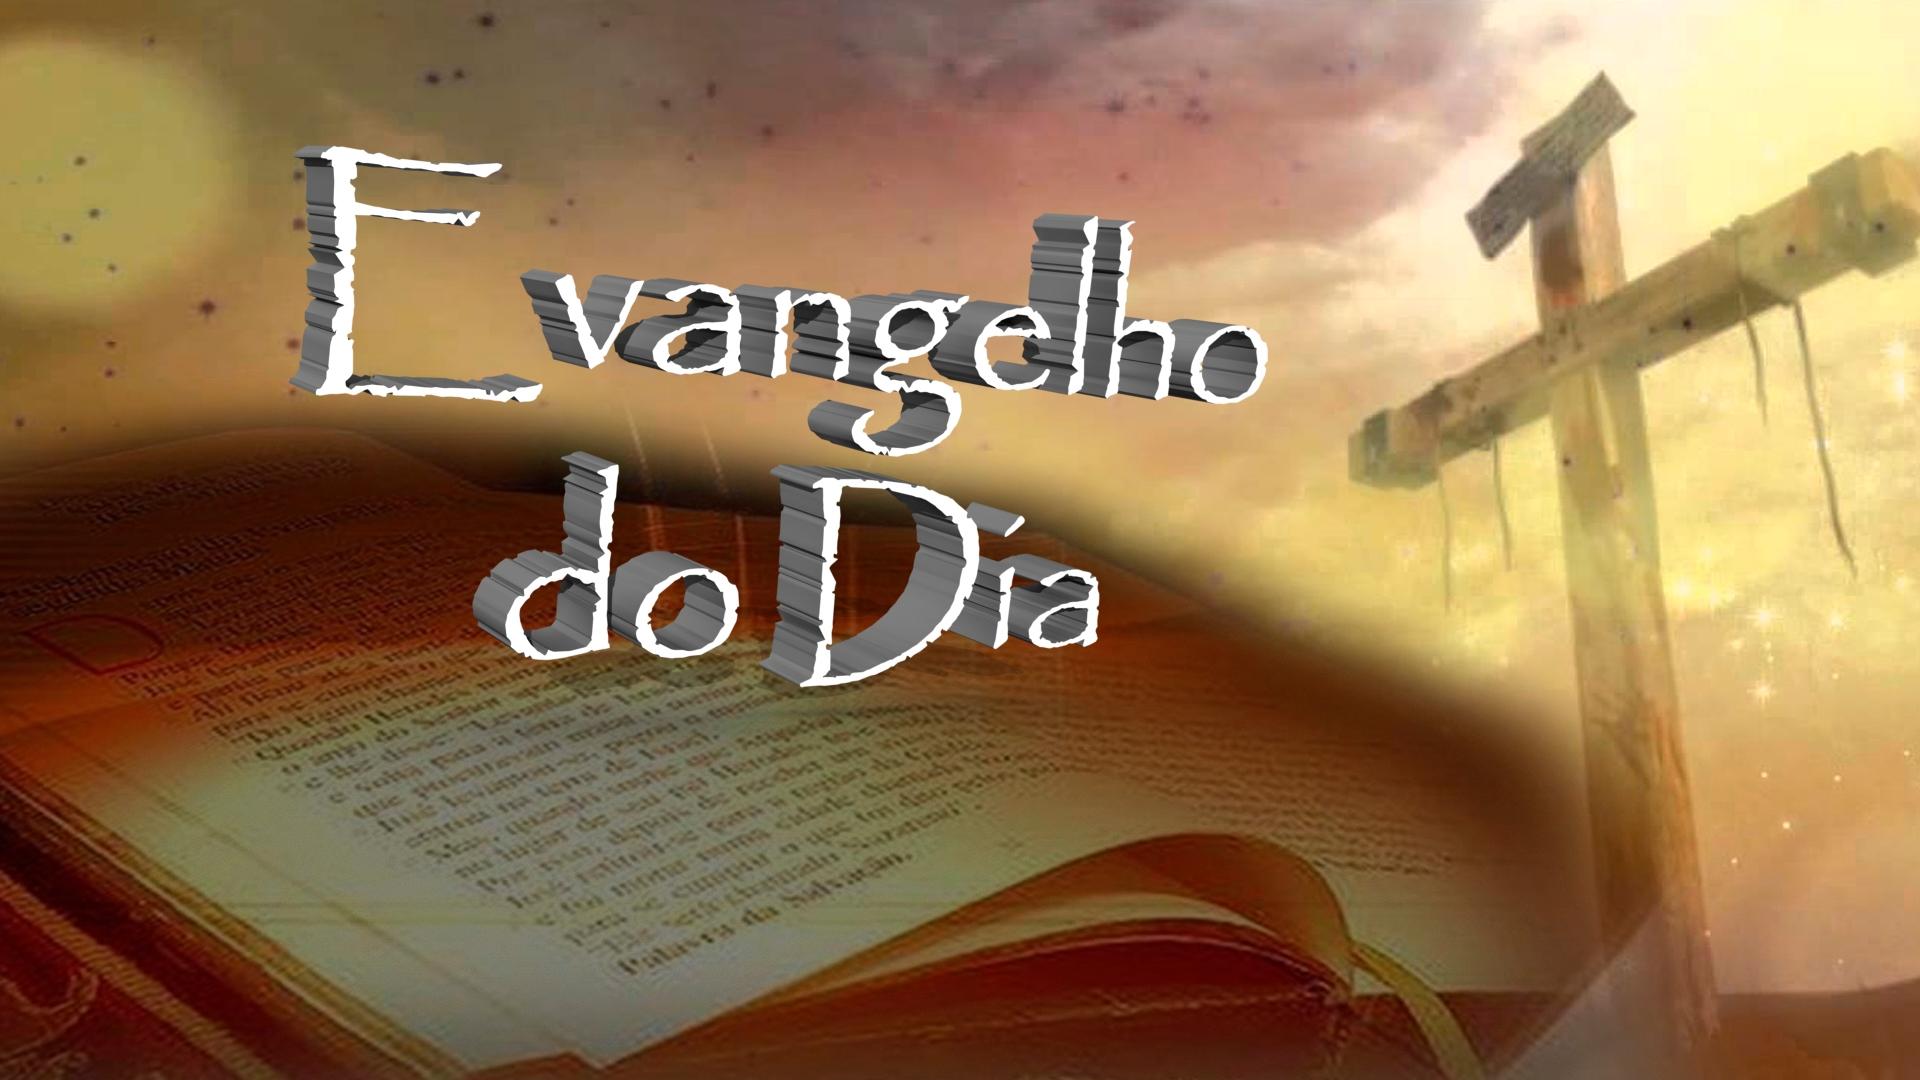 Evangelho do  (@evangelhododia) Cover Image